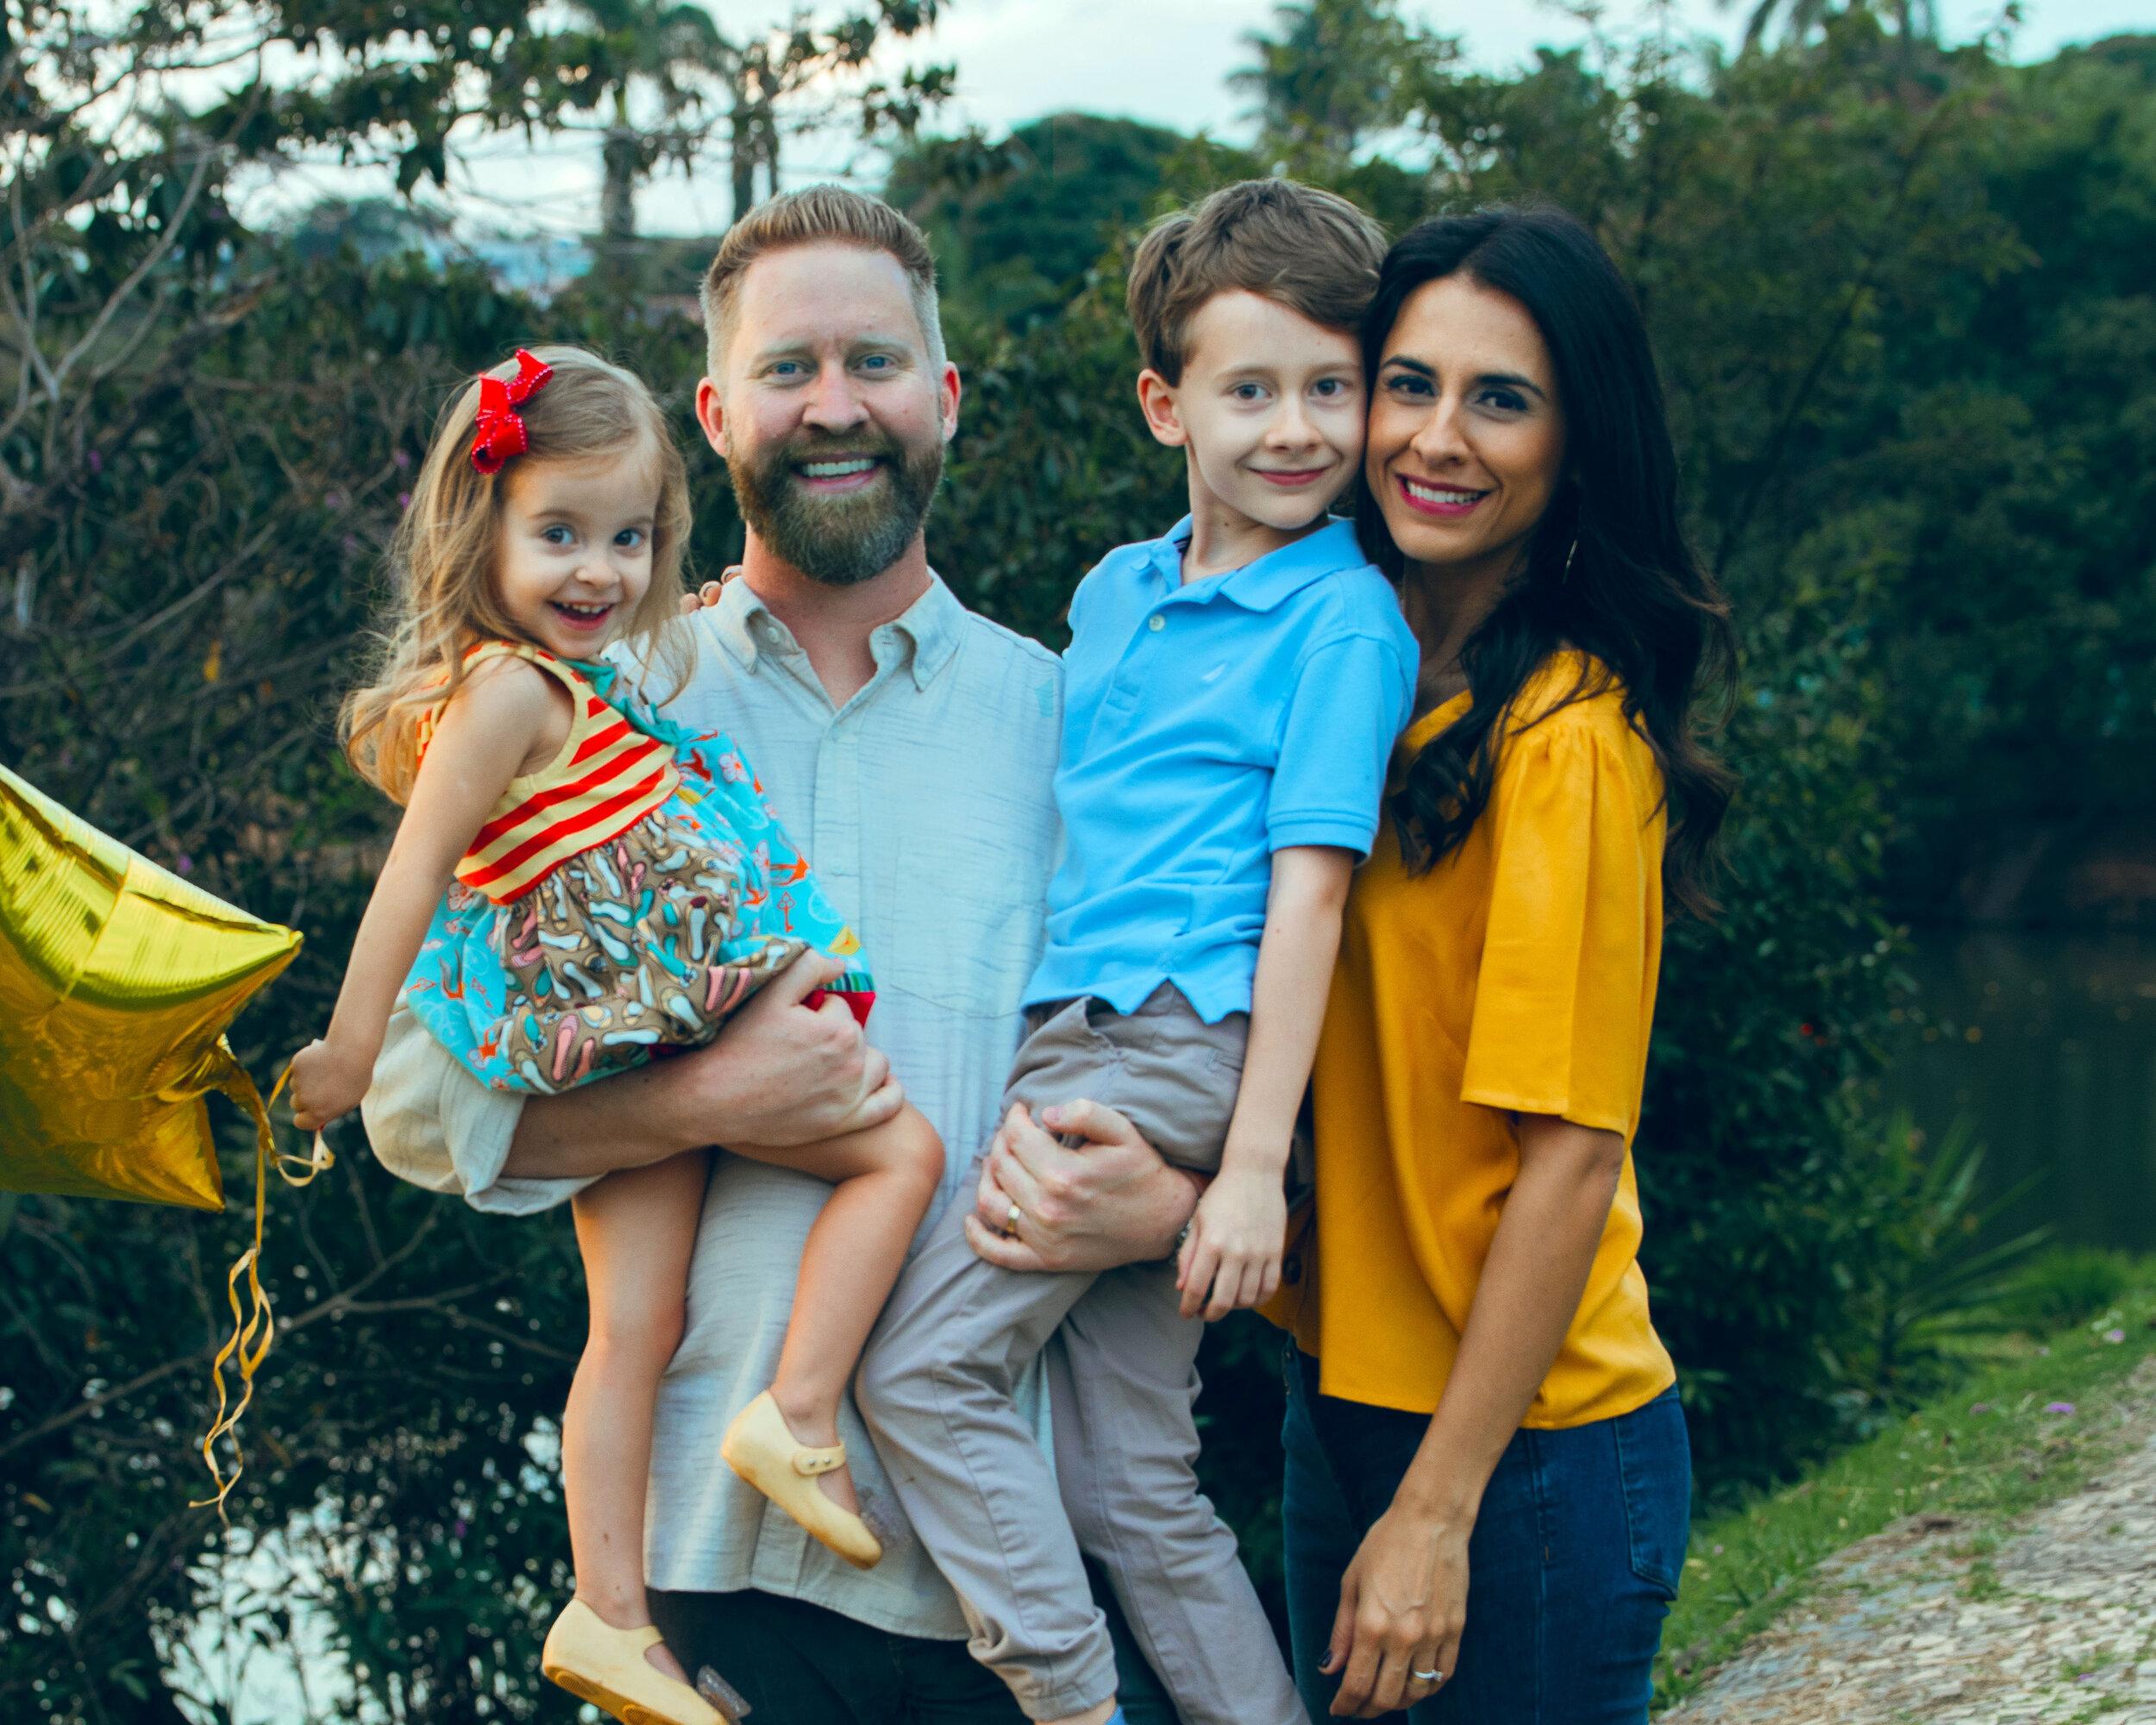 Elam family pic 08-2019 (edit).jpg